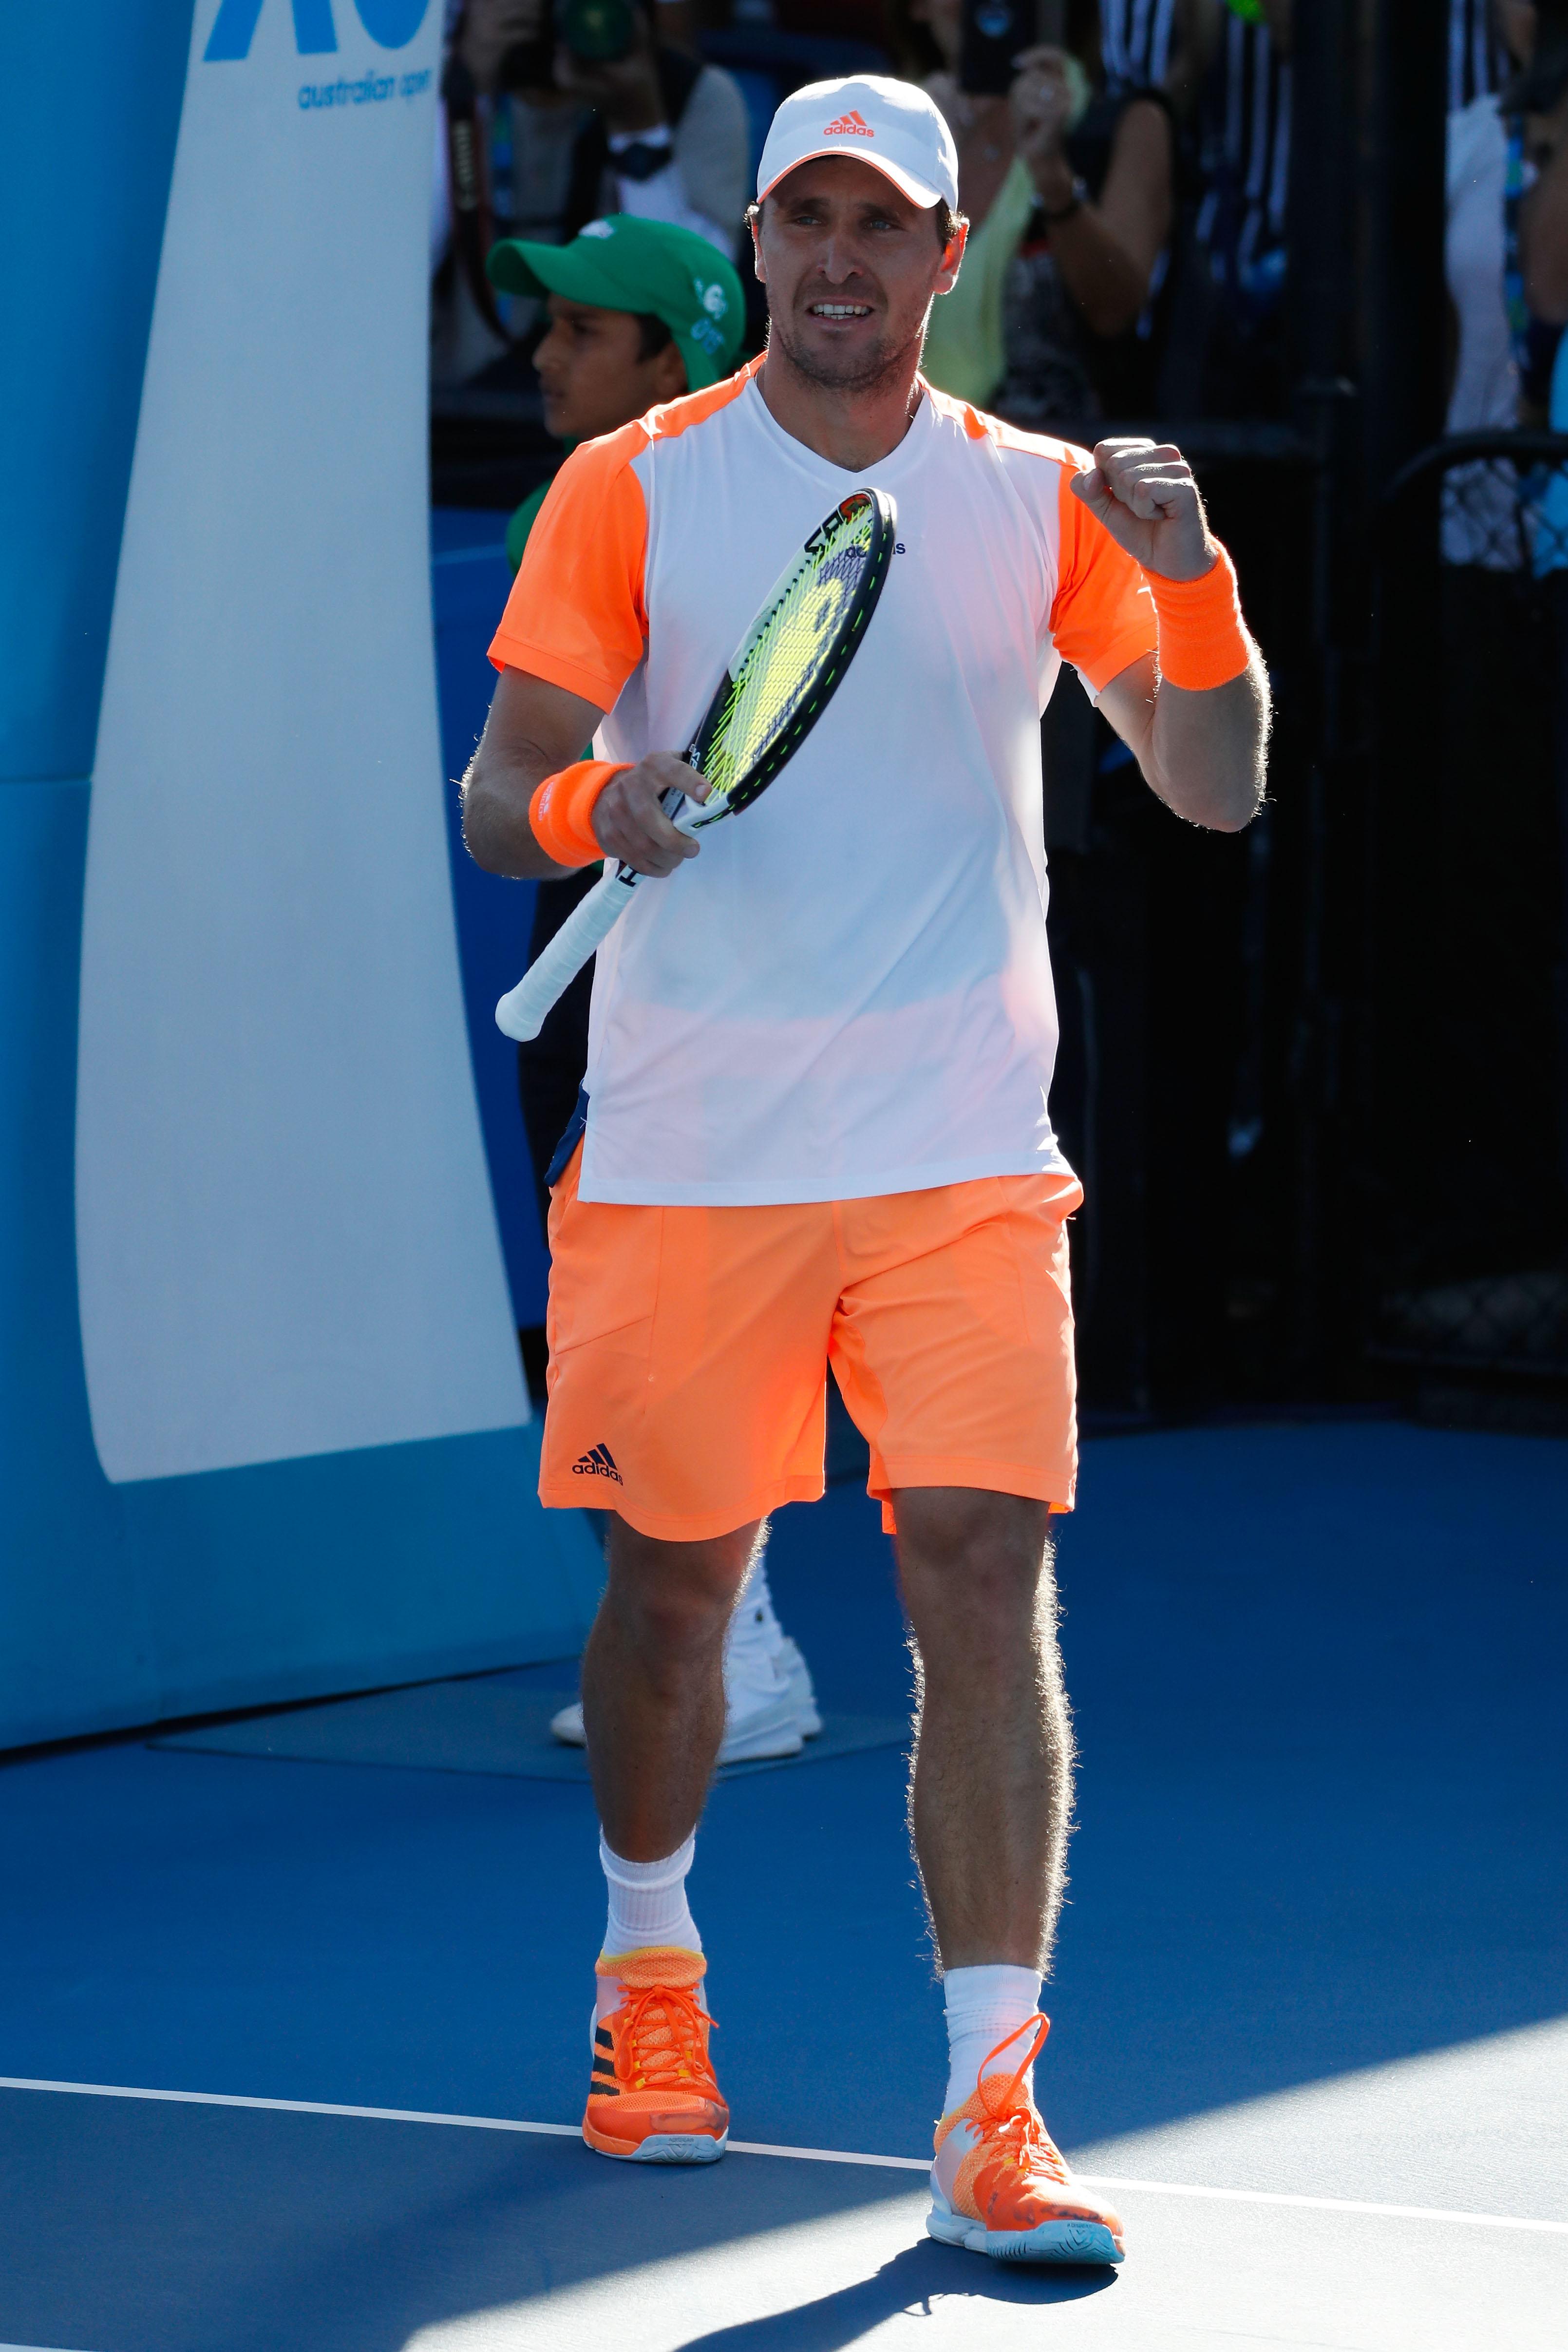 Mischa Zverev im Achtelfinale der Australian Open – es ist eine Premiere für den 29-Jährigen.